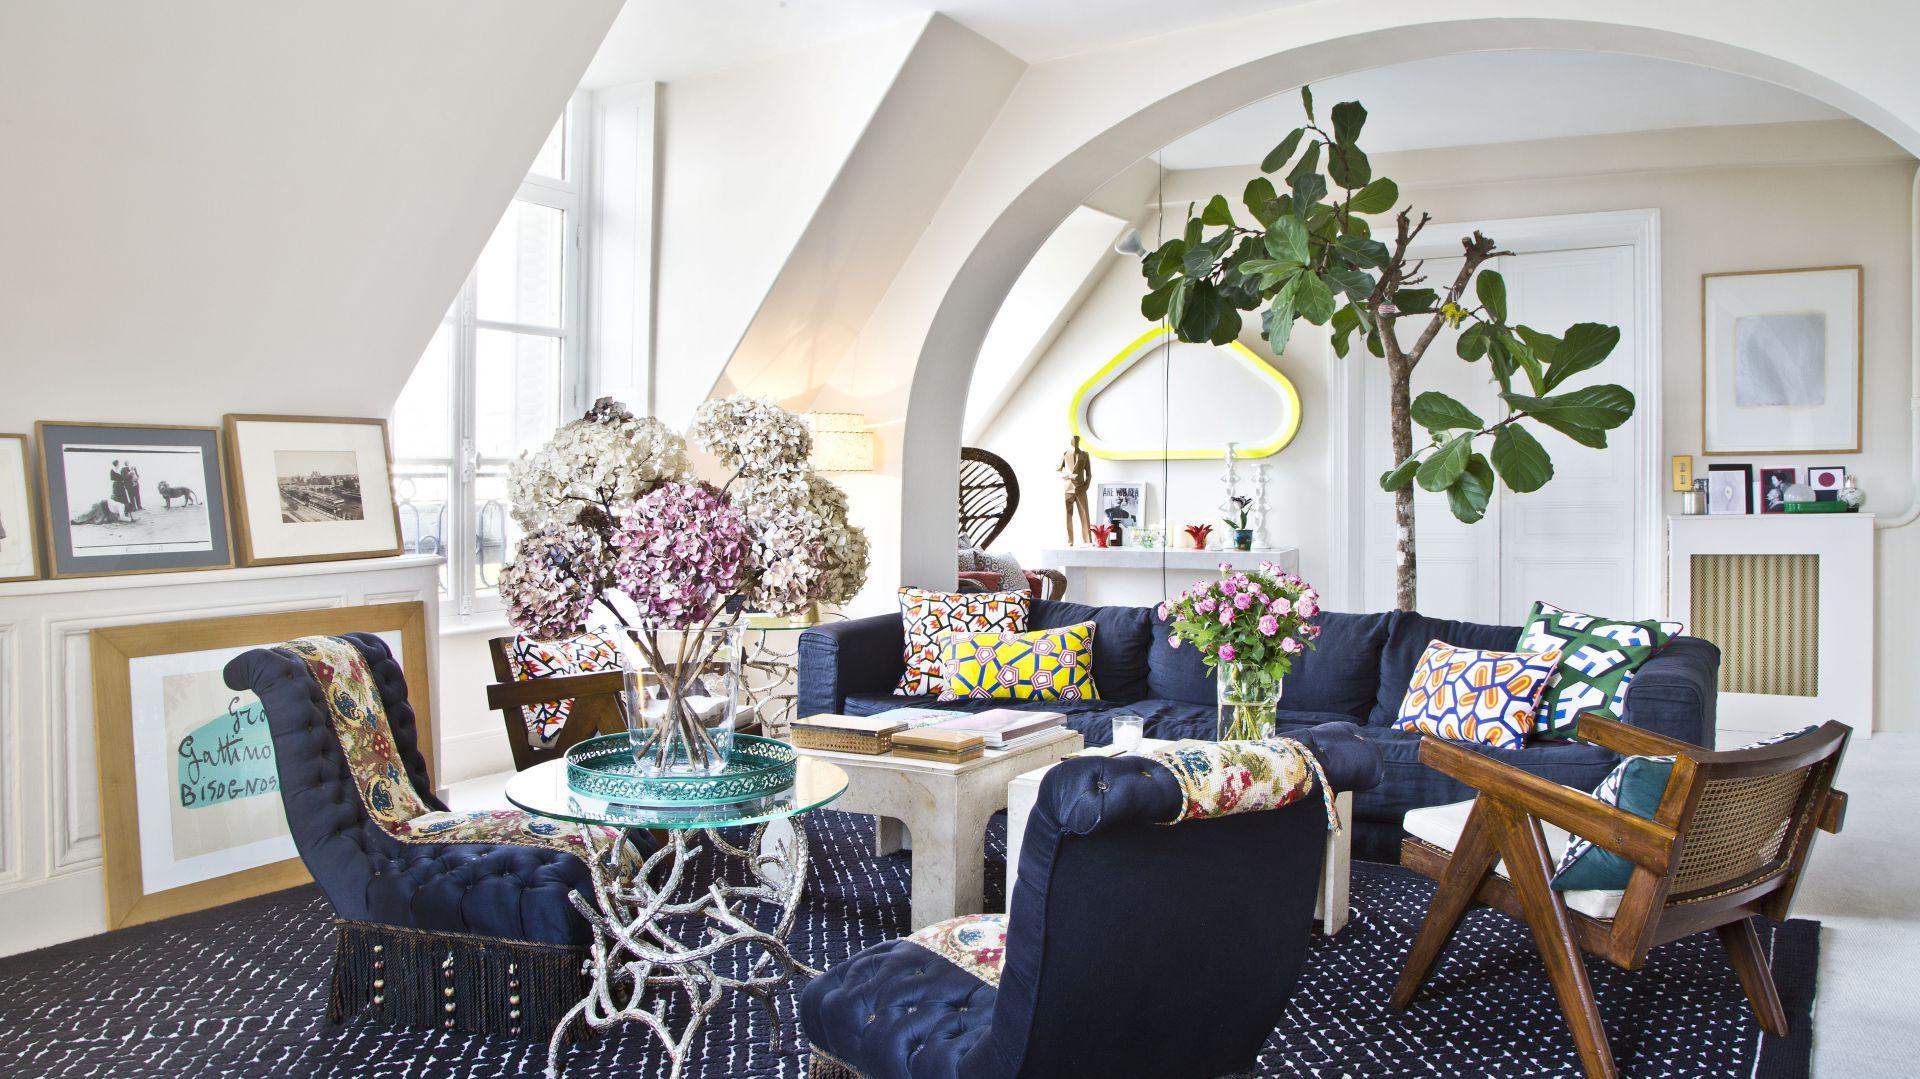 Mieszkanie Marie Peltier, paryskiej architektki i dekoratorki wnętrz. Fot. Westwing